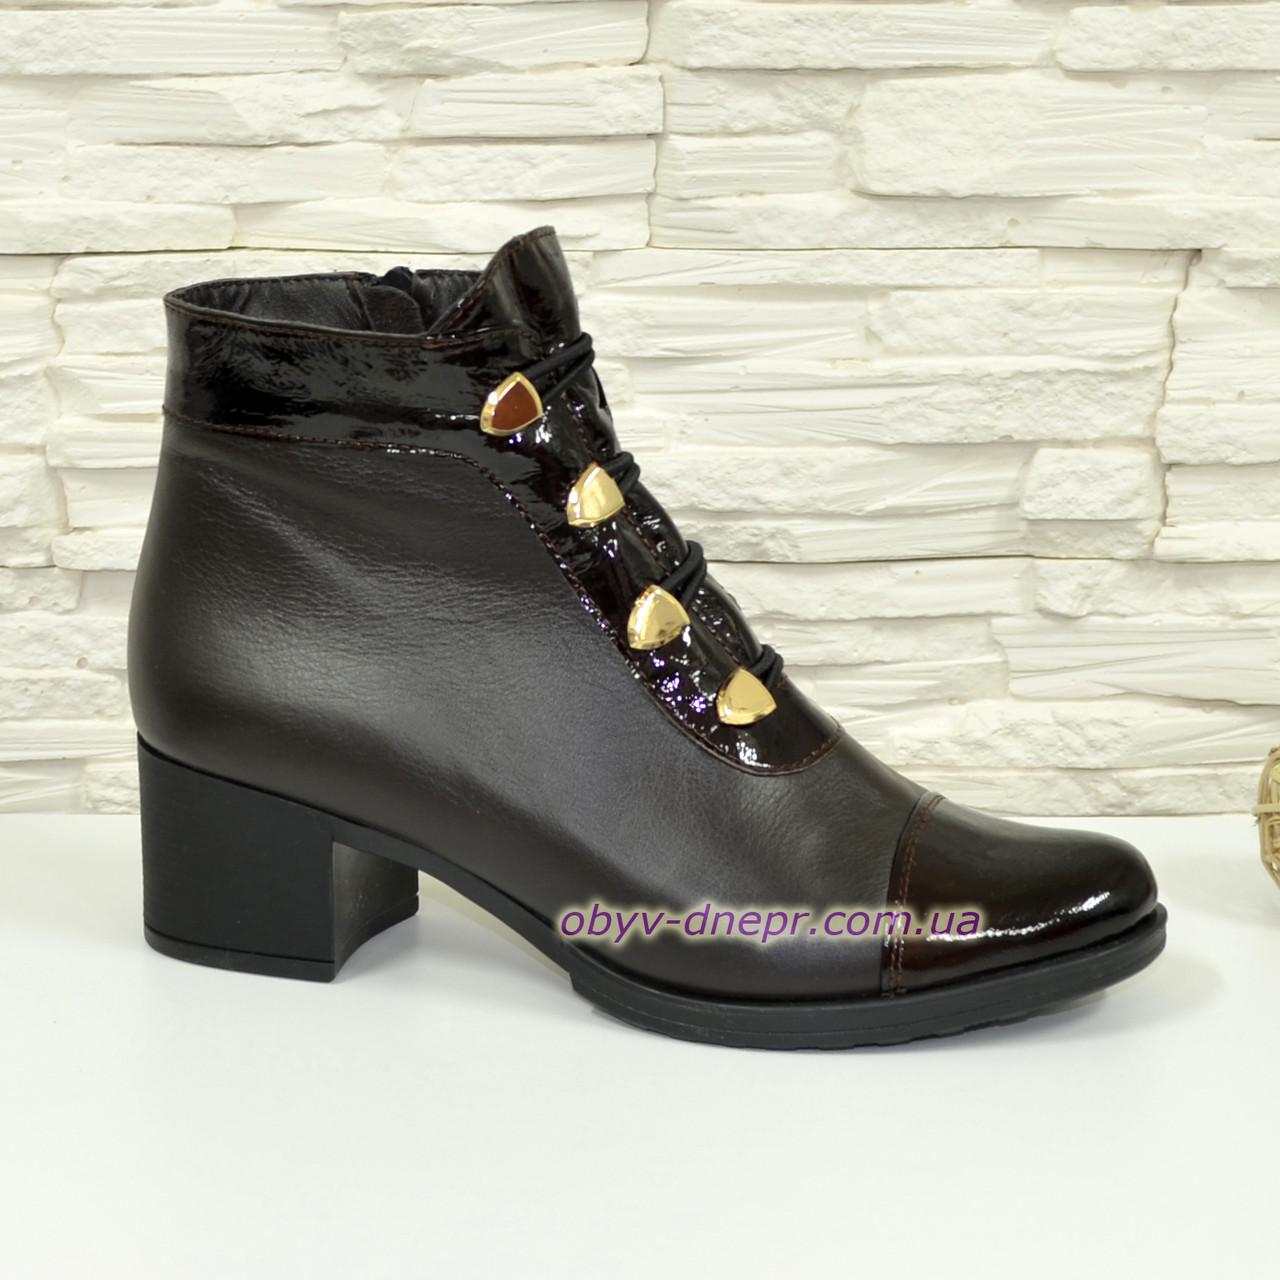 Женские коричневые демисезонные ботинки на невысоком каблуке, натуральная кожа и лак